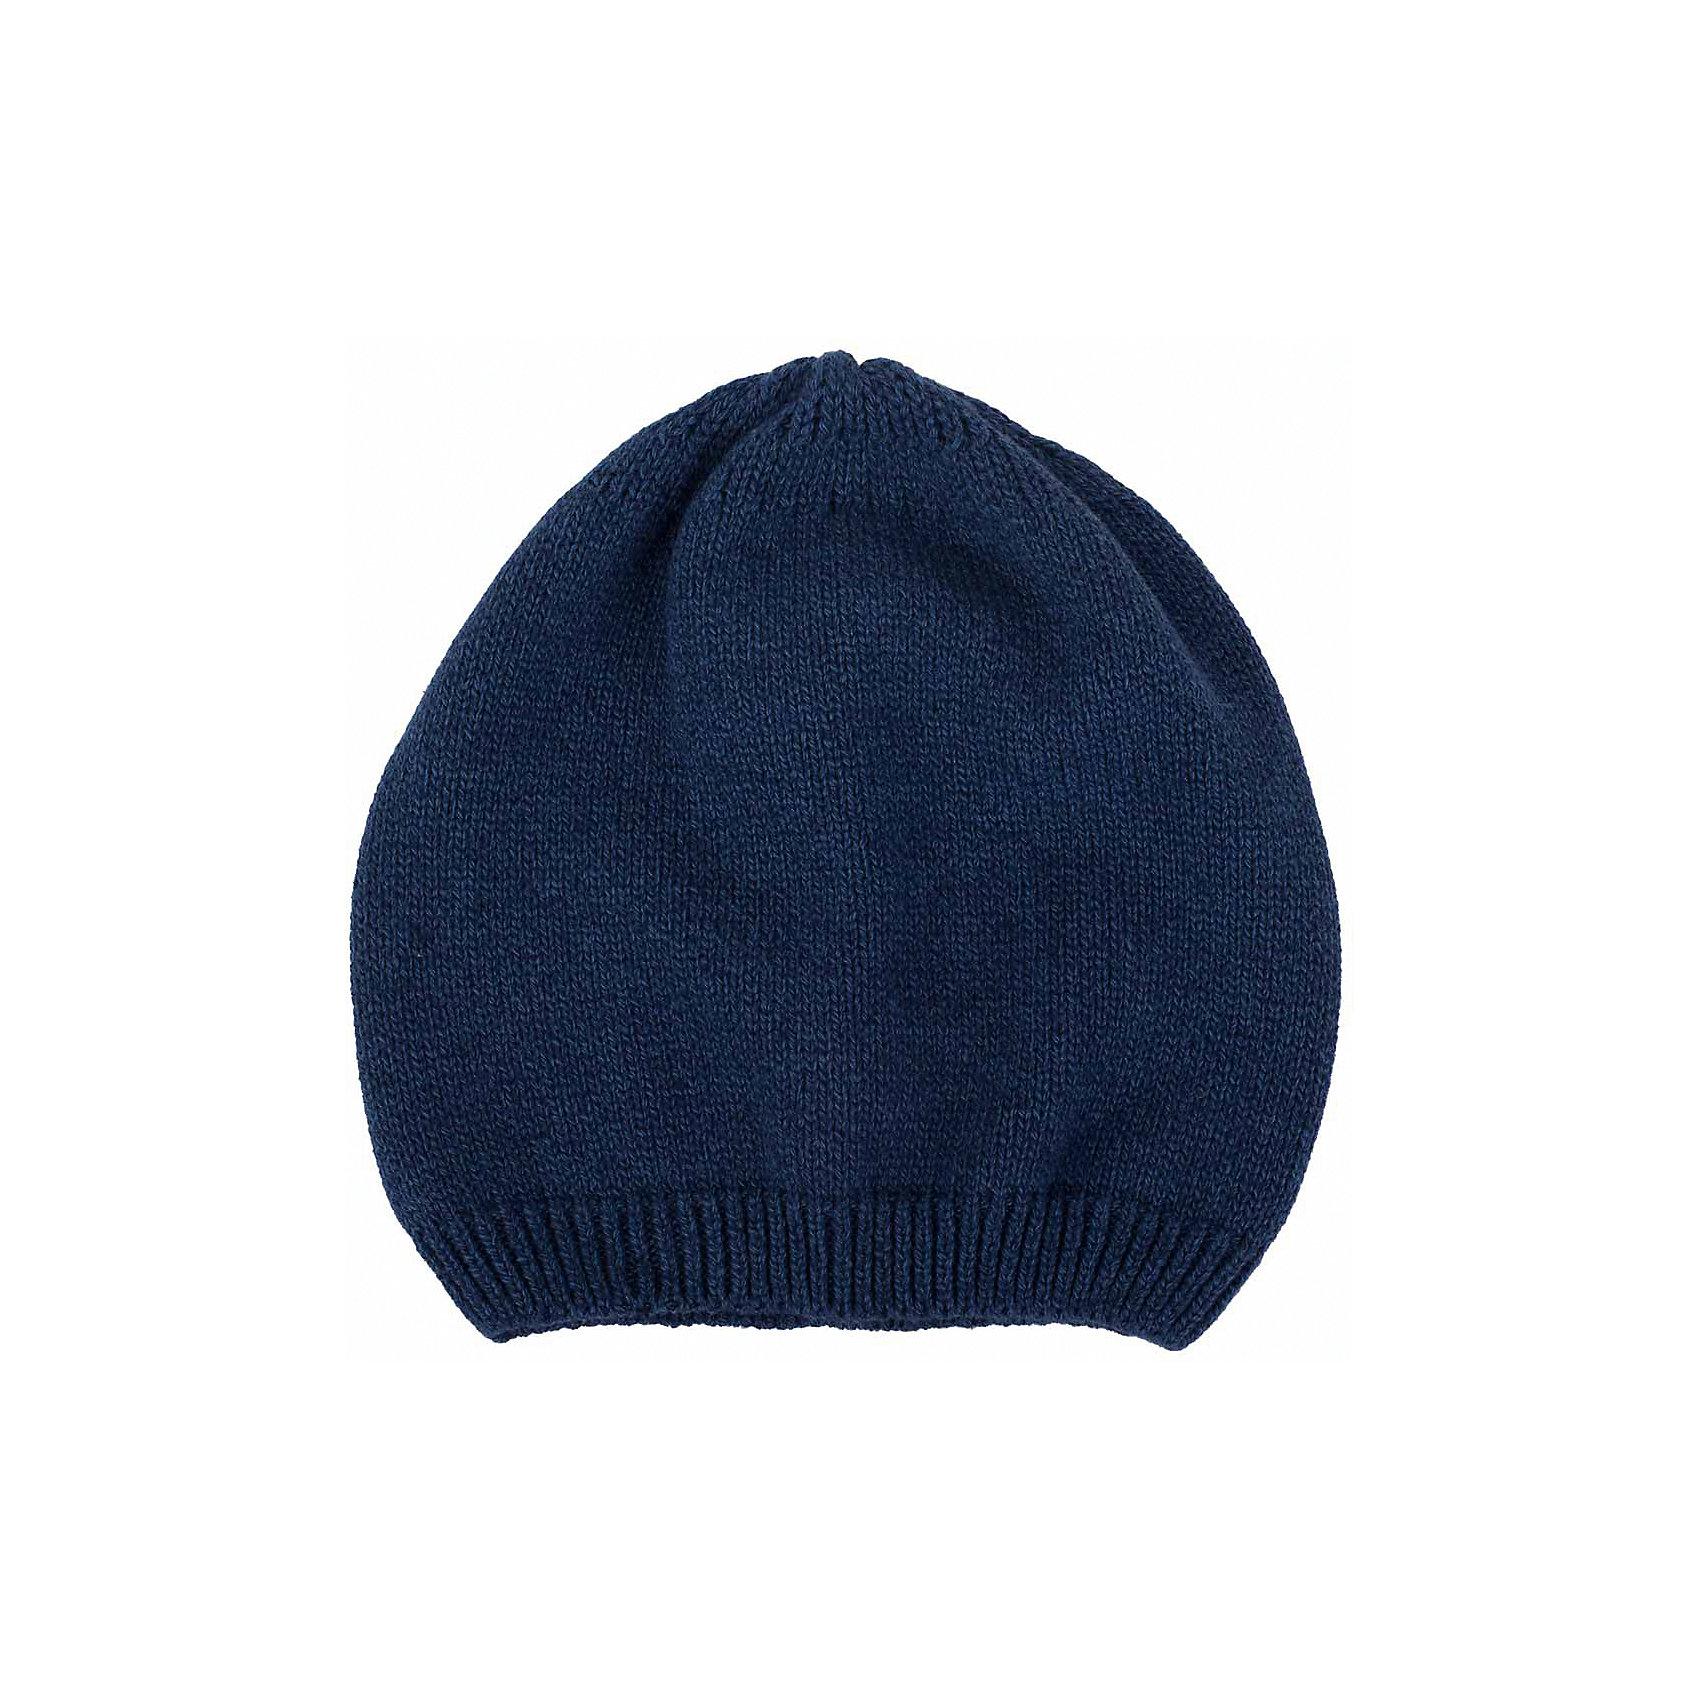 Шапка  BUTTON BLUEГоловные уборы<br>Шапка  BUTTON BLUE<br>Вязаные шапки - важный атрибут повседневного гардероба! Они отлично согревают, а также украшают и завершают весенний комплект. У них один недостаток: они часто теряются. Шапки забывают в парке, в школе, в детском саду, поэтому их в гардеробе должно быть много, а значит, шапки надо покупать по доступной цене. Купить недорого шапку для девочки от Button Blue, значит, позаботиться о здоровье, красоте и комфорте ребенка.<br>Состав:<br>100%  хлопок<br><br>Ширина мм: 89<br>Глубина мм: 117<br>Высота мм: 44<br>Вес г: 155<br>Цвет: синий<br>Возраст от месяцев: 96<br>Возраст до месяцев: 108<br>Пол: Унисекс<br>Возраст: Детский<br>Размер: 56,50,52,54<br>SKU: 5523958